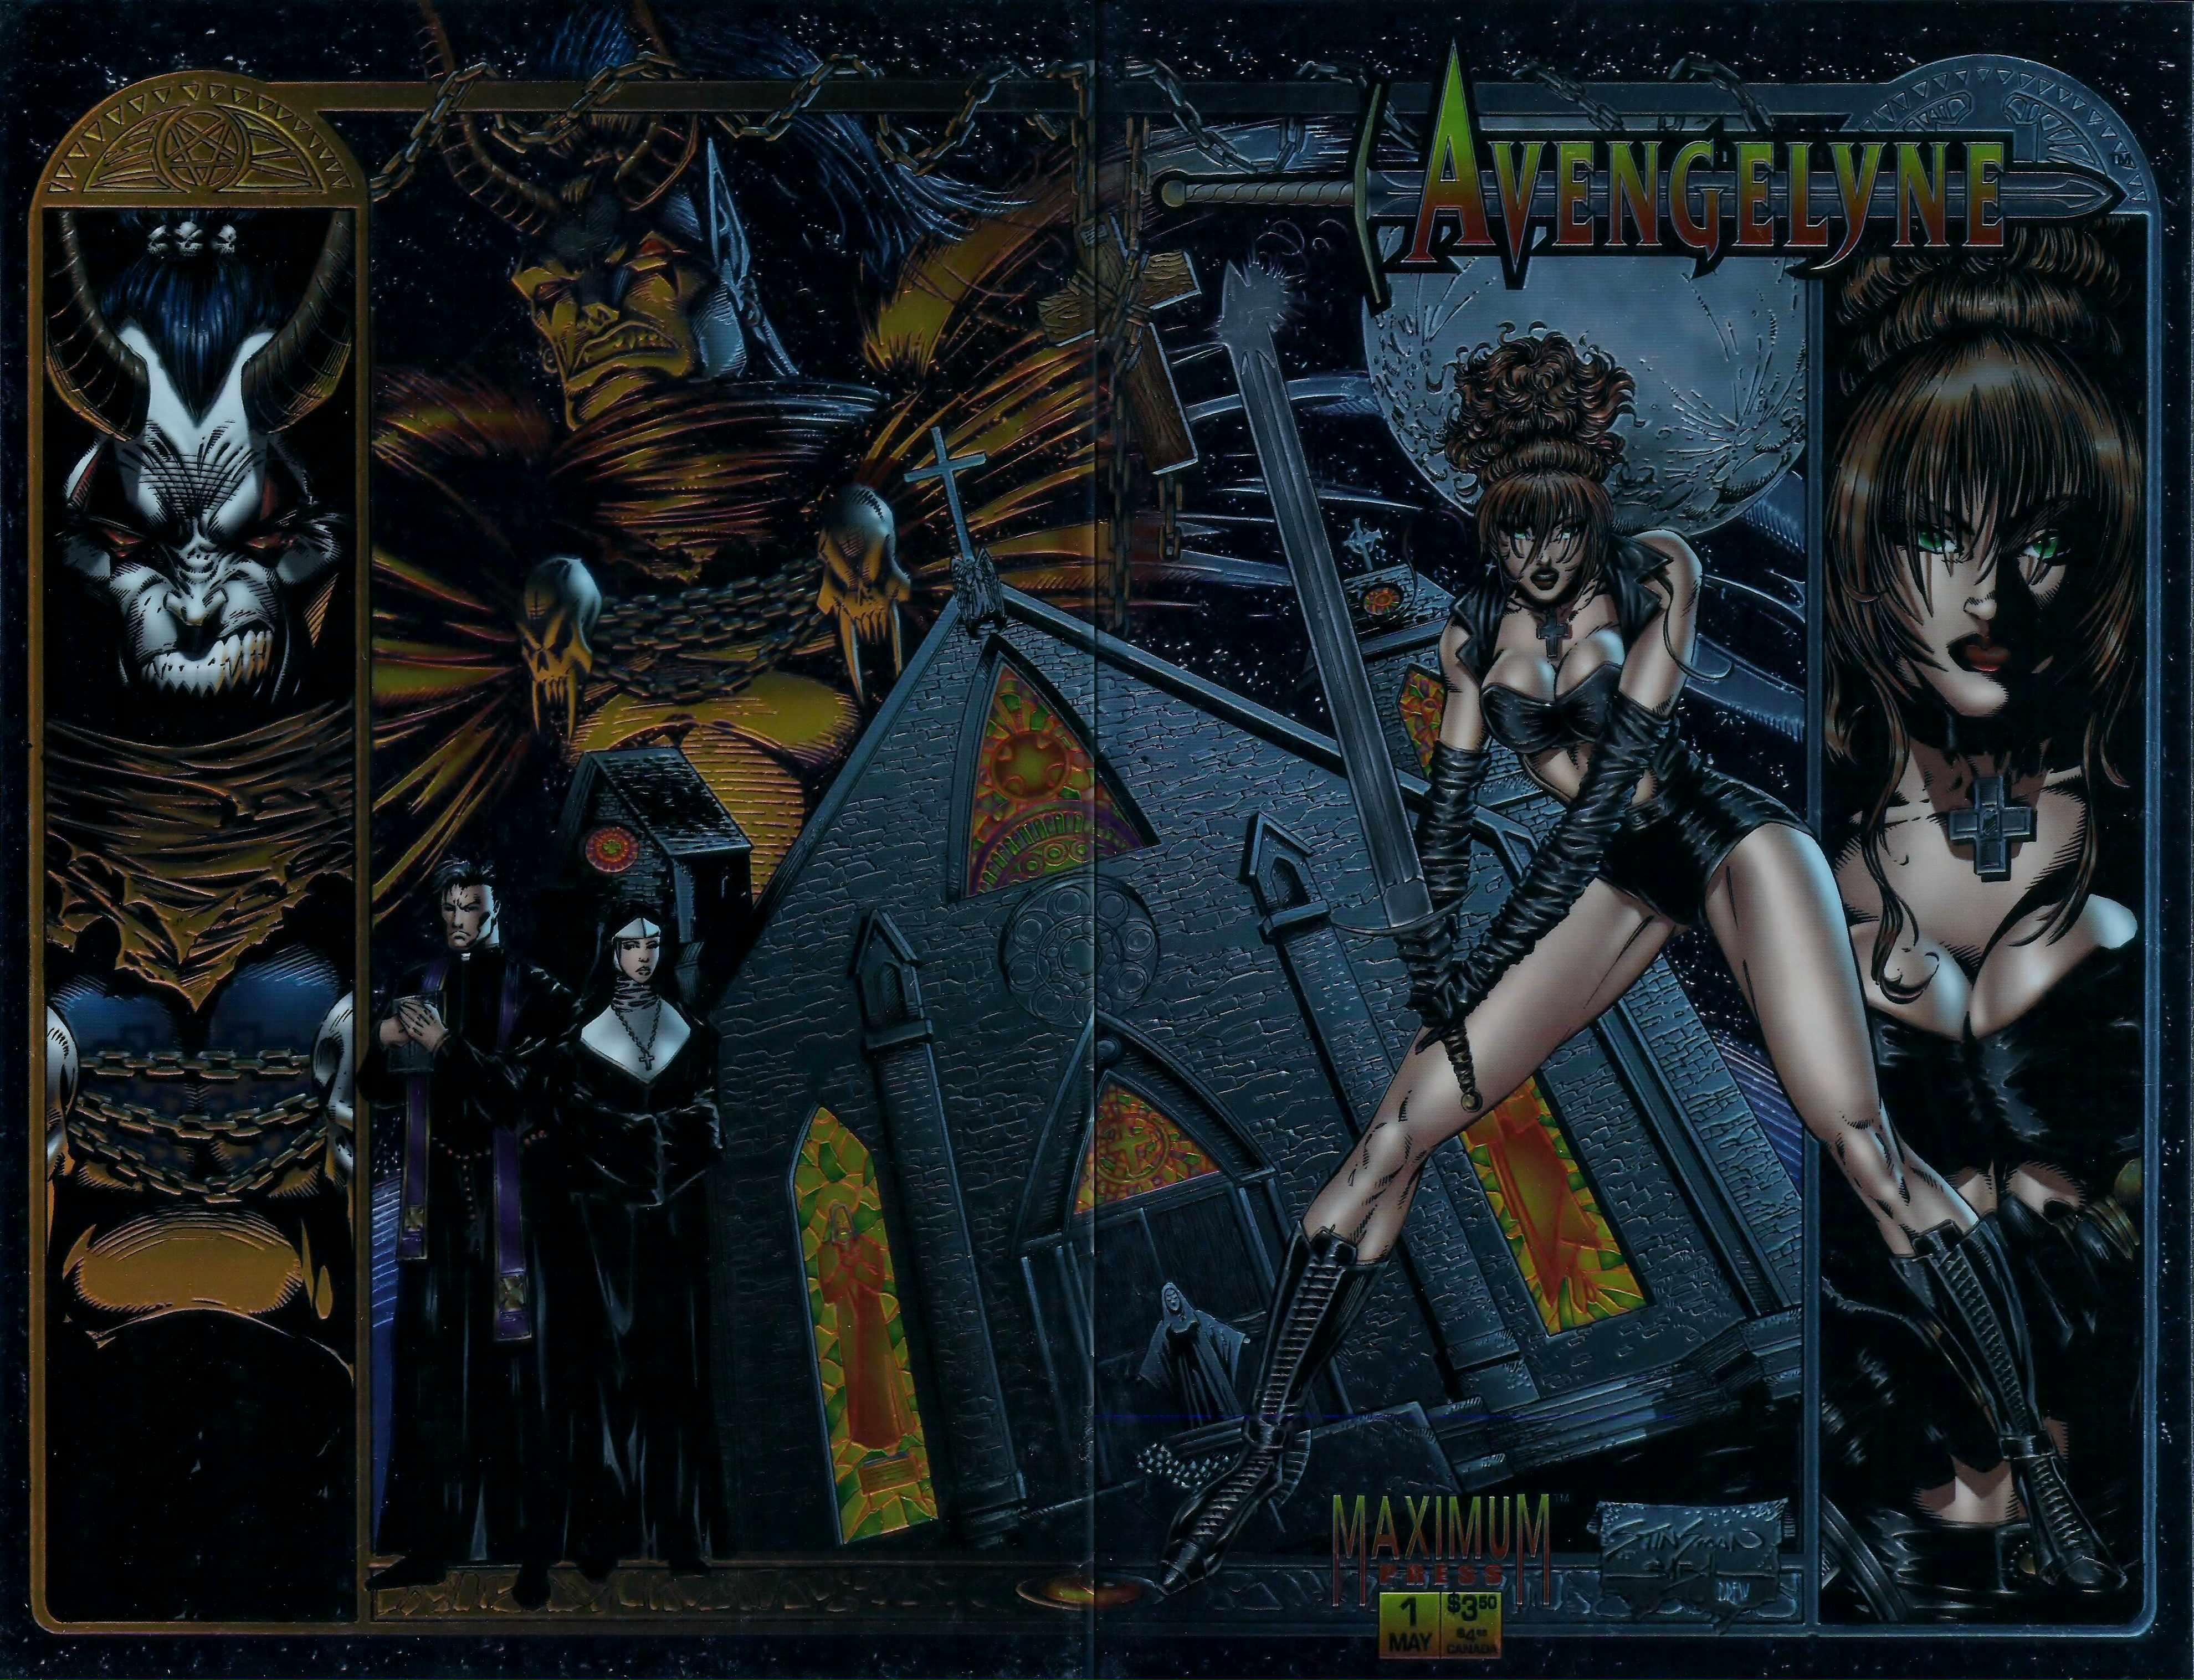 avengelyne-1-chromium-cover-3960x3033